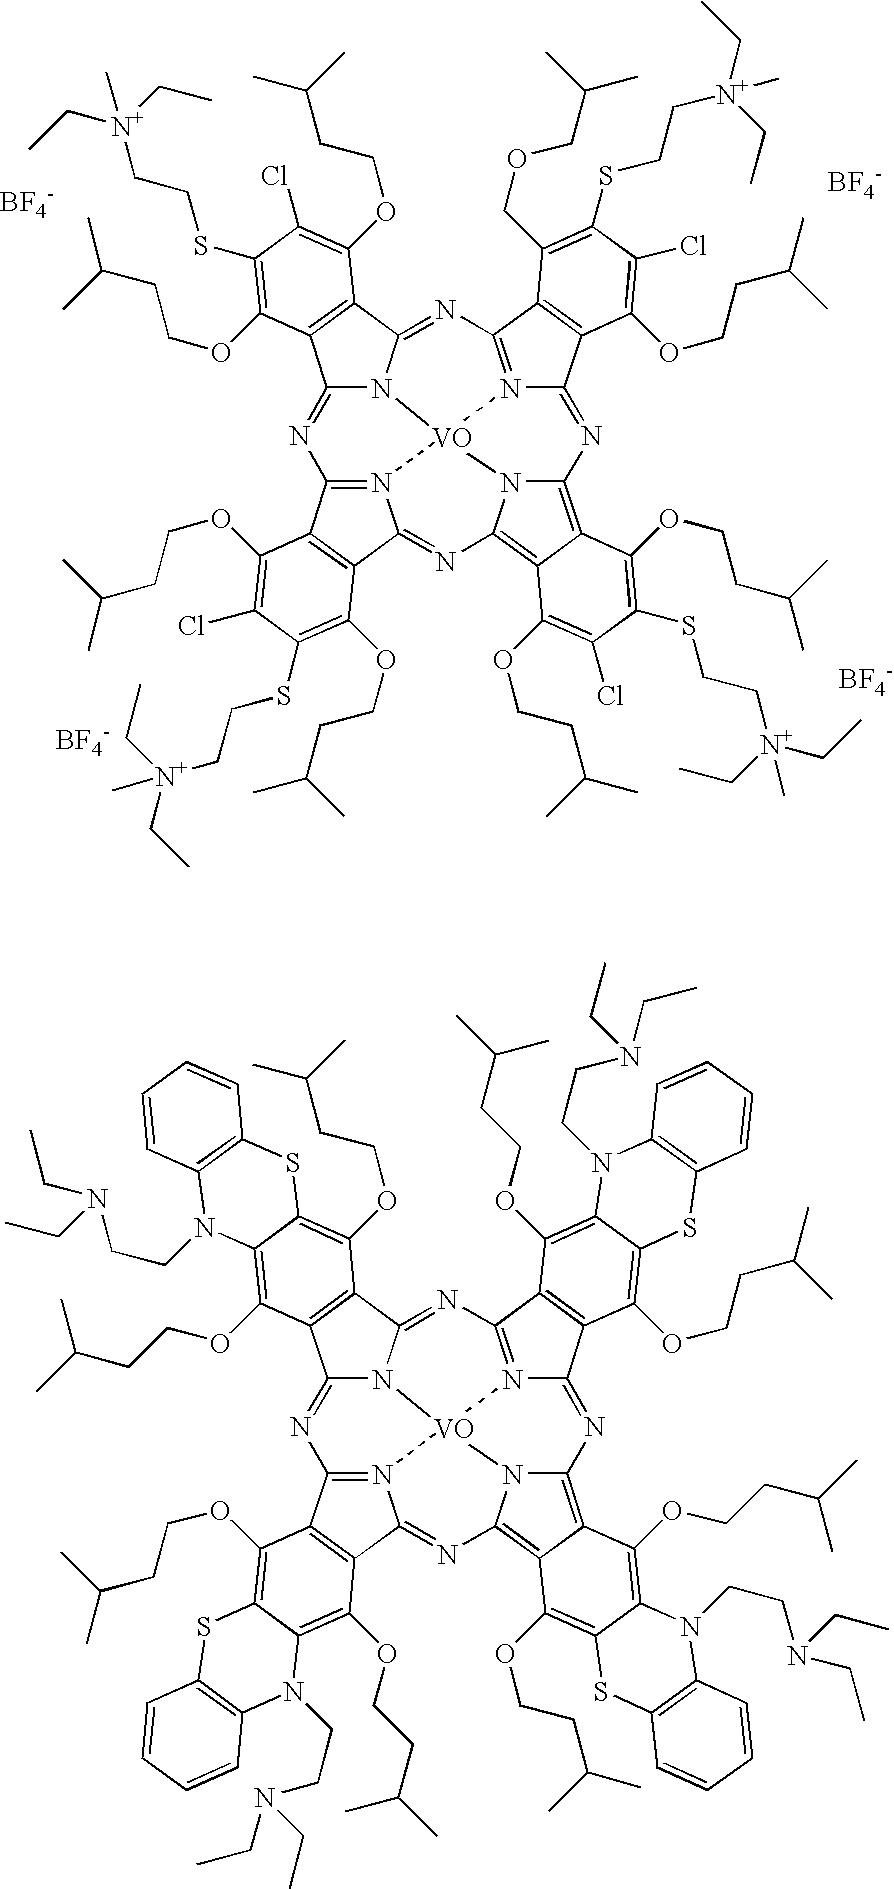 Figure US20090246653A1-20091001-C00179